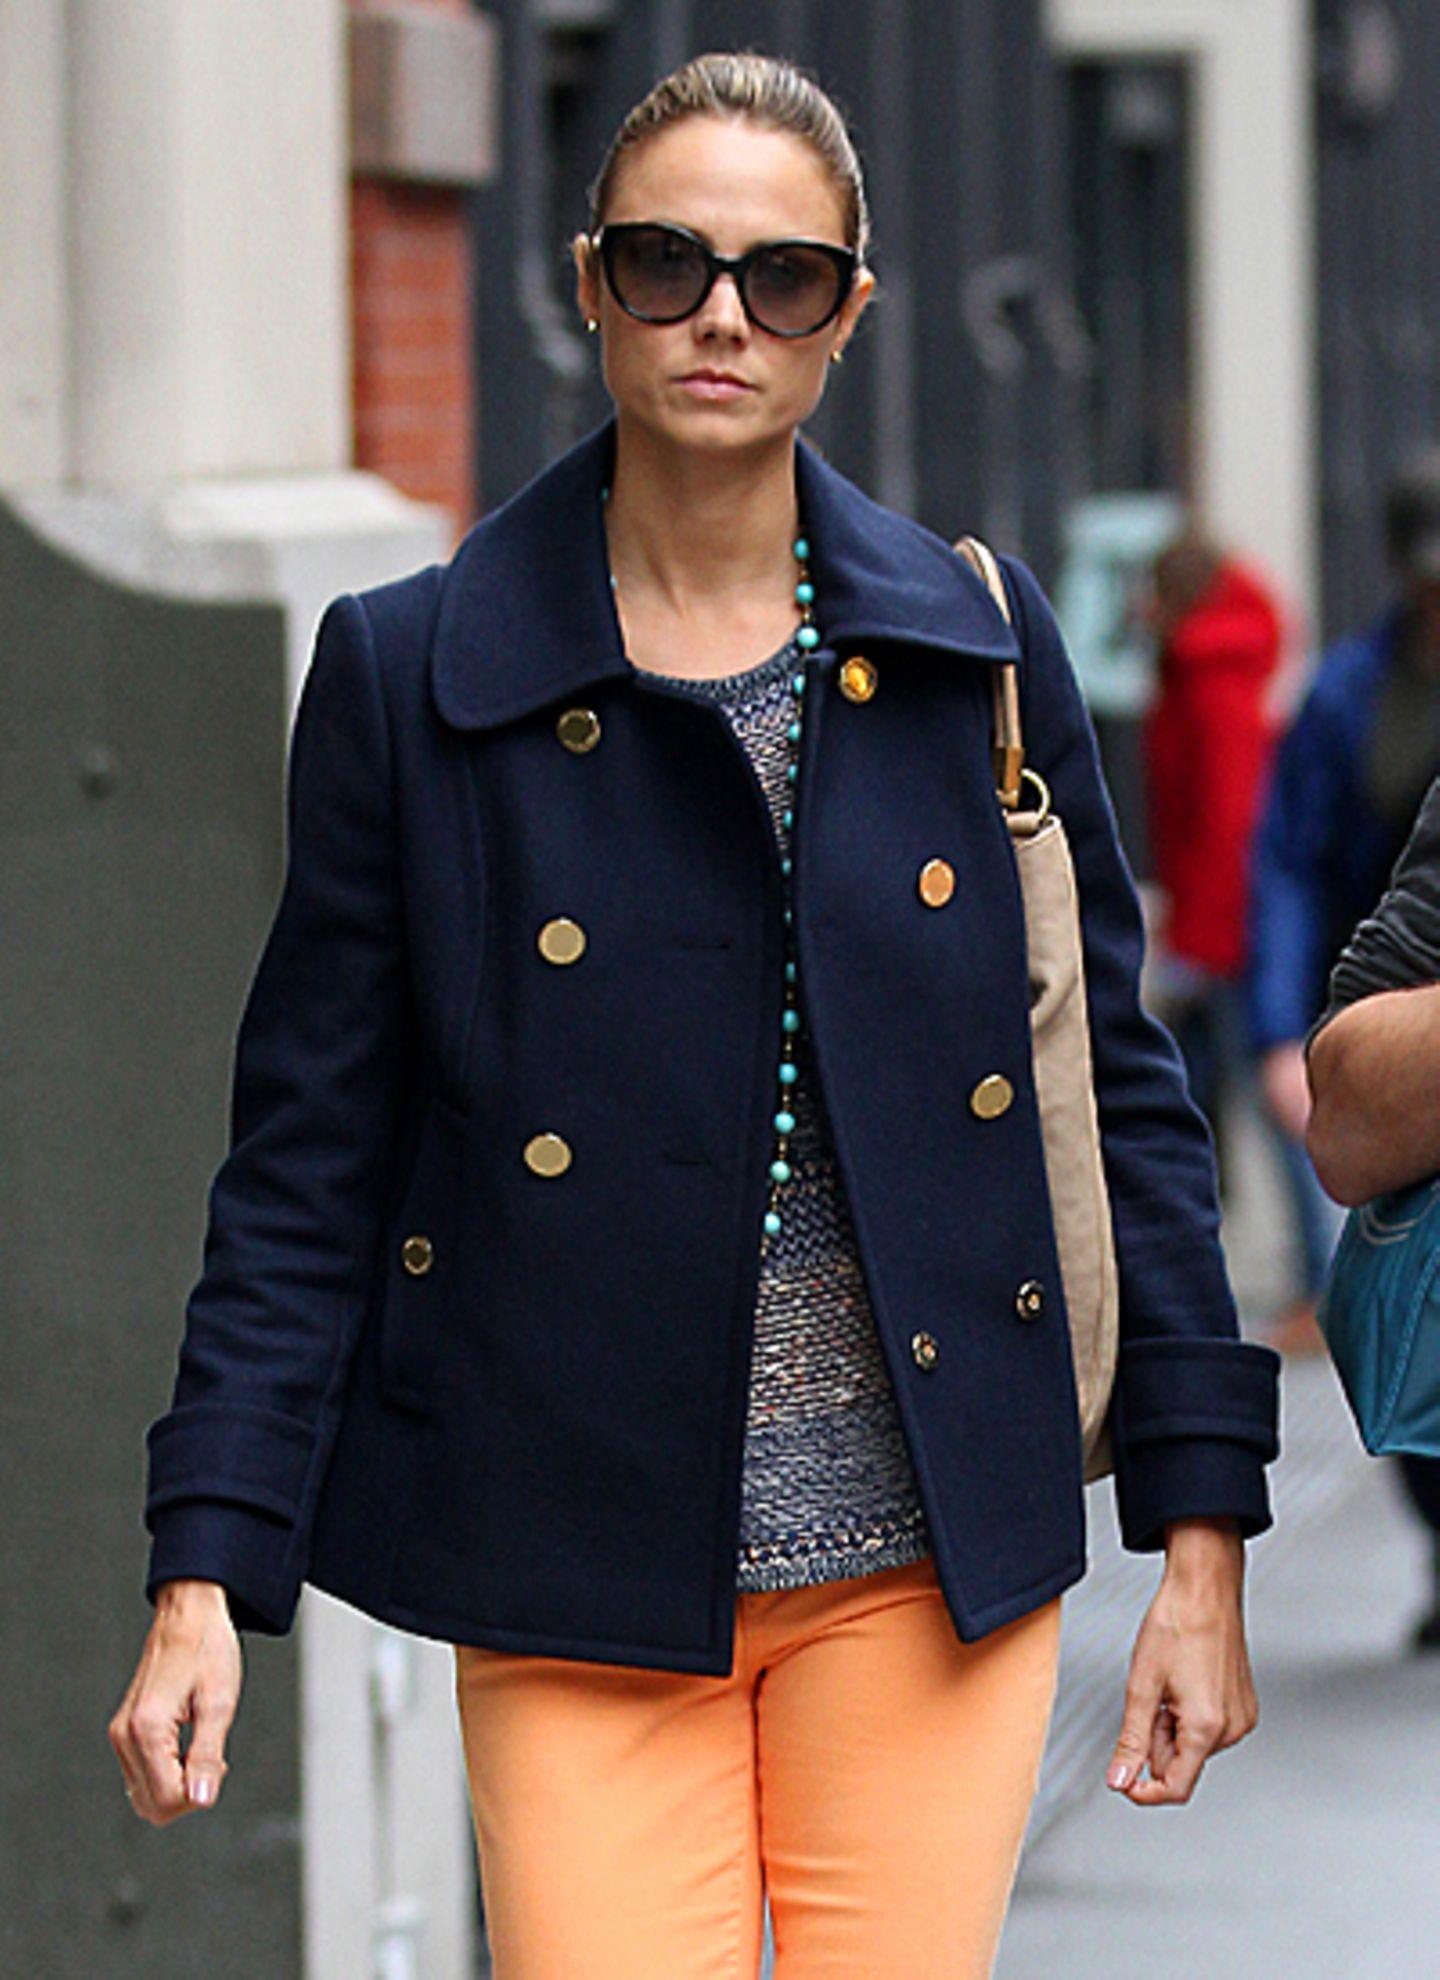 George Cloonesy Freundin Stacy Keibler wird immer eleganter, wie sie hier mit edlem Mantel, Sonnebrille und orangefarbener Jeans